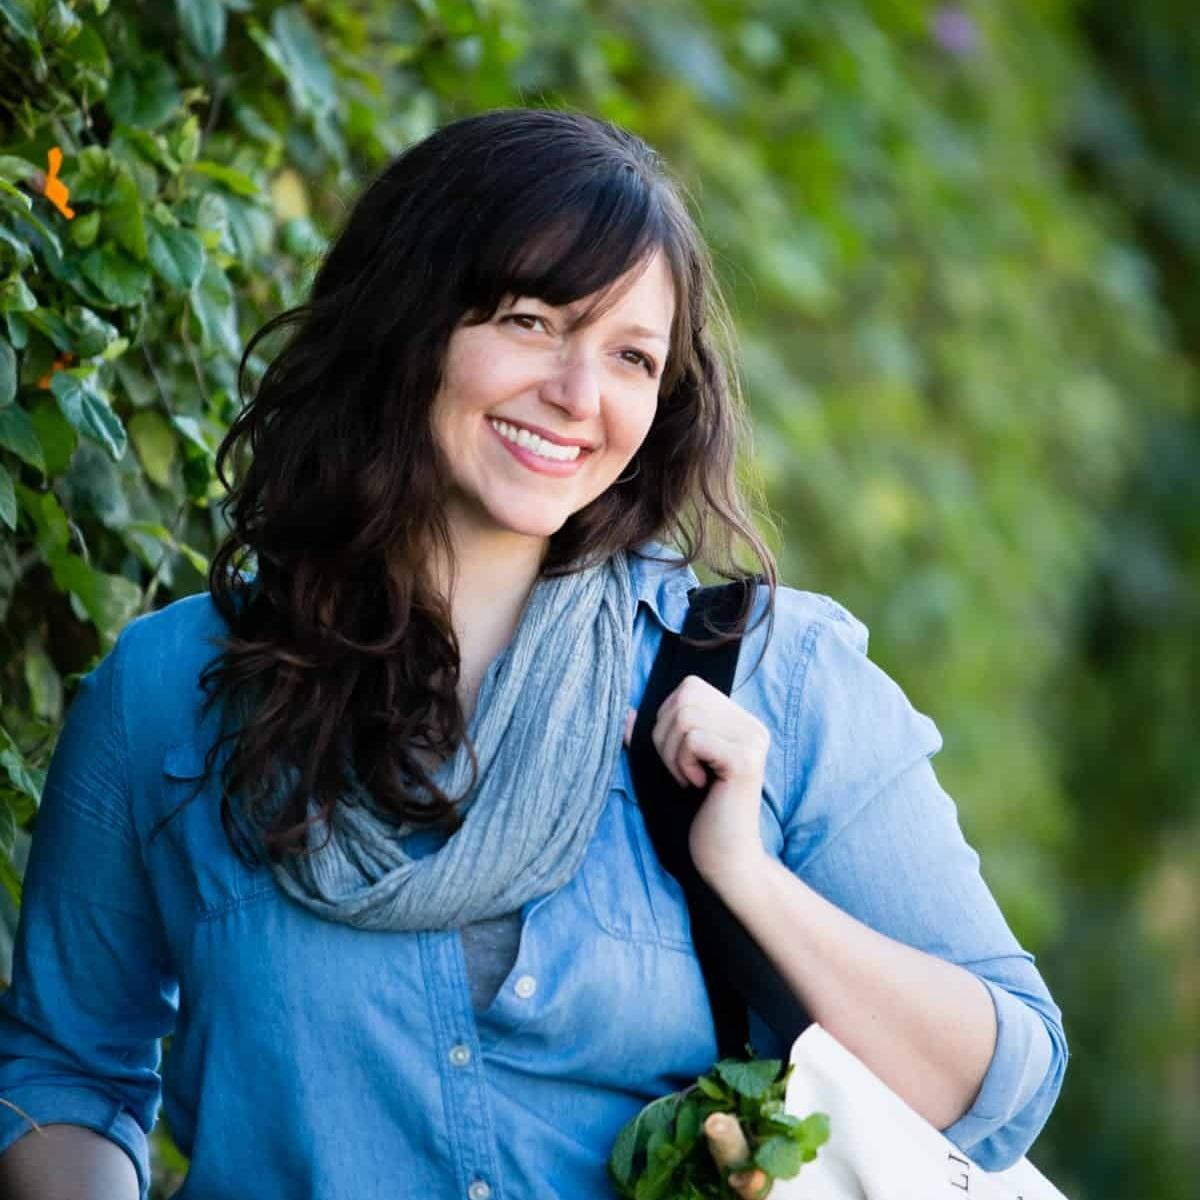 Alanna-Author-Photo-Shelley-Eades.jpg